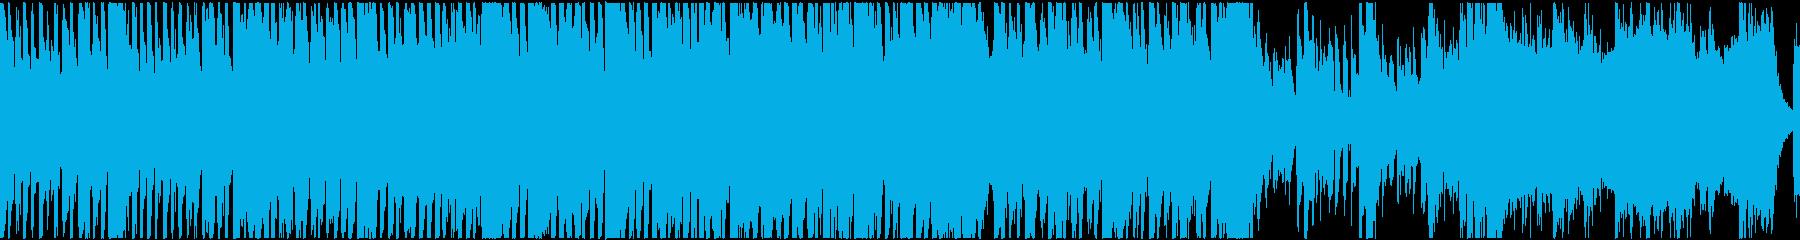 怪しい道化師のテーマ(ループ)の再生済みの波形